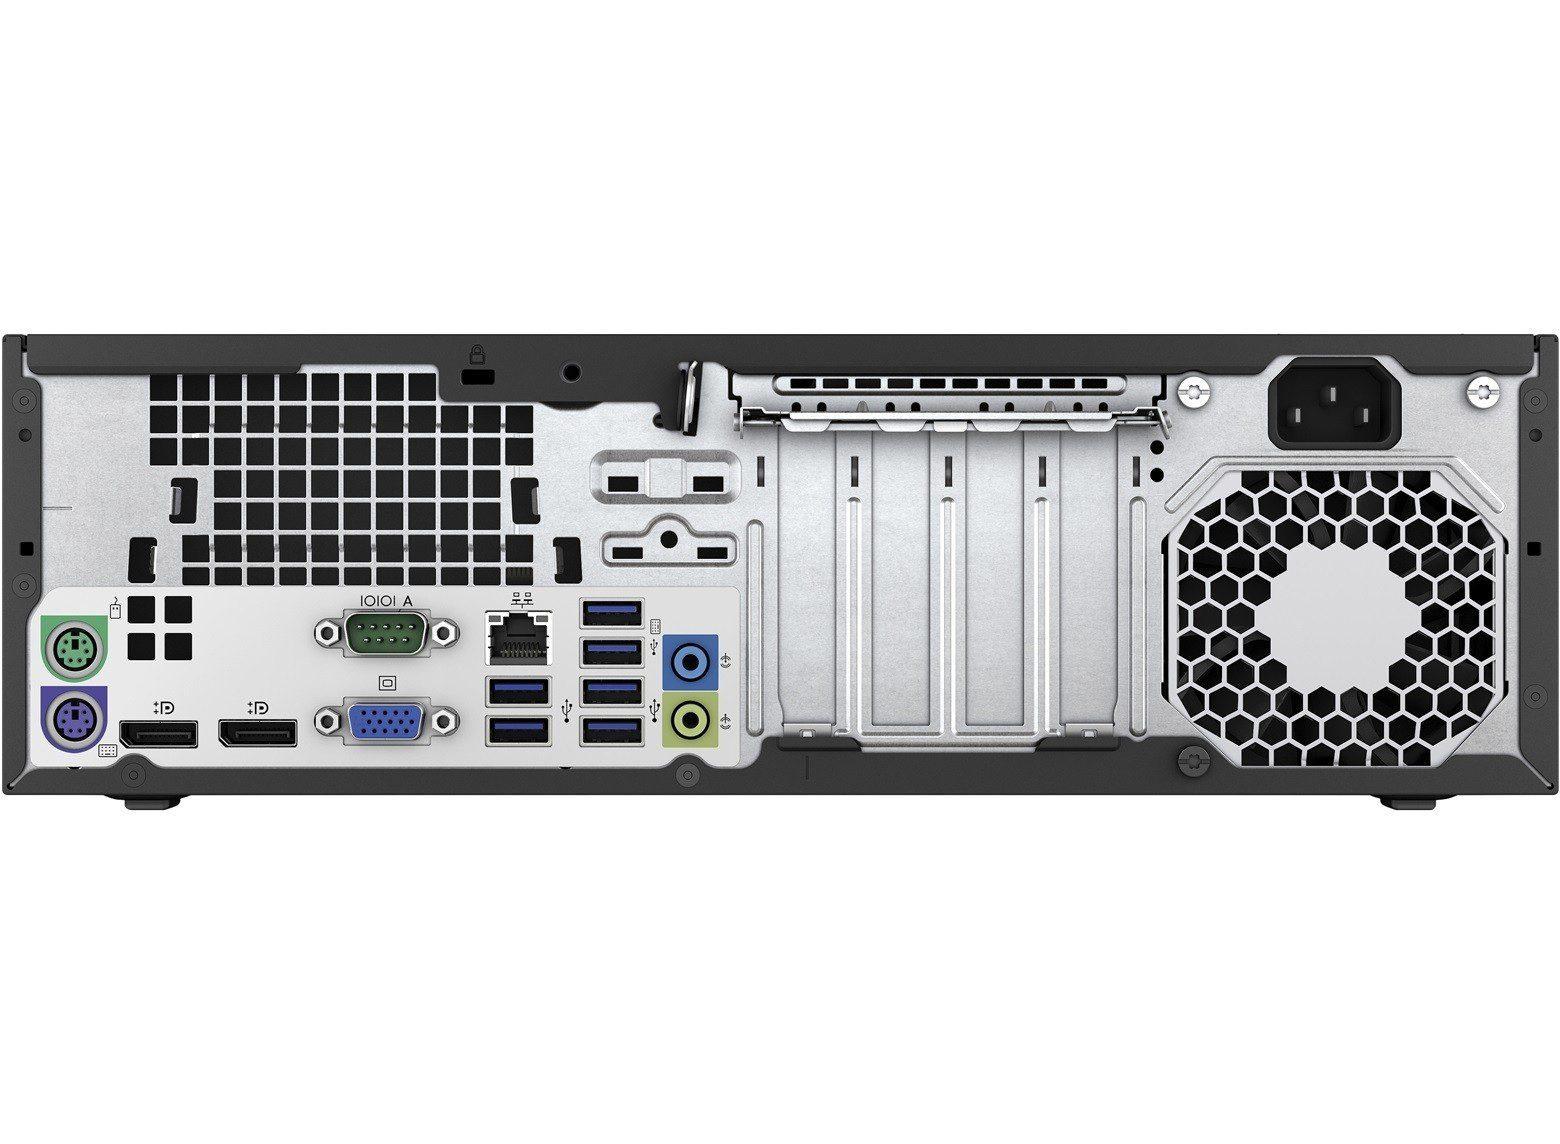 دسکتاپ اچ پی مدل  G2 600-800 SFF – G